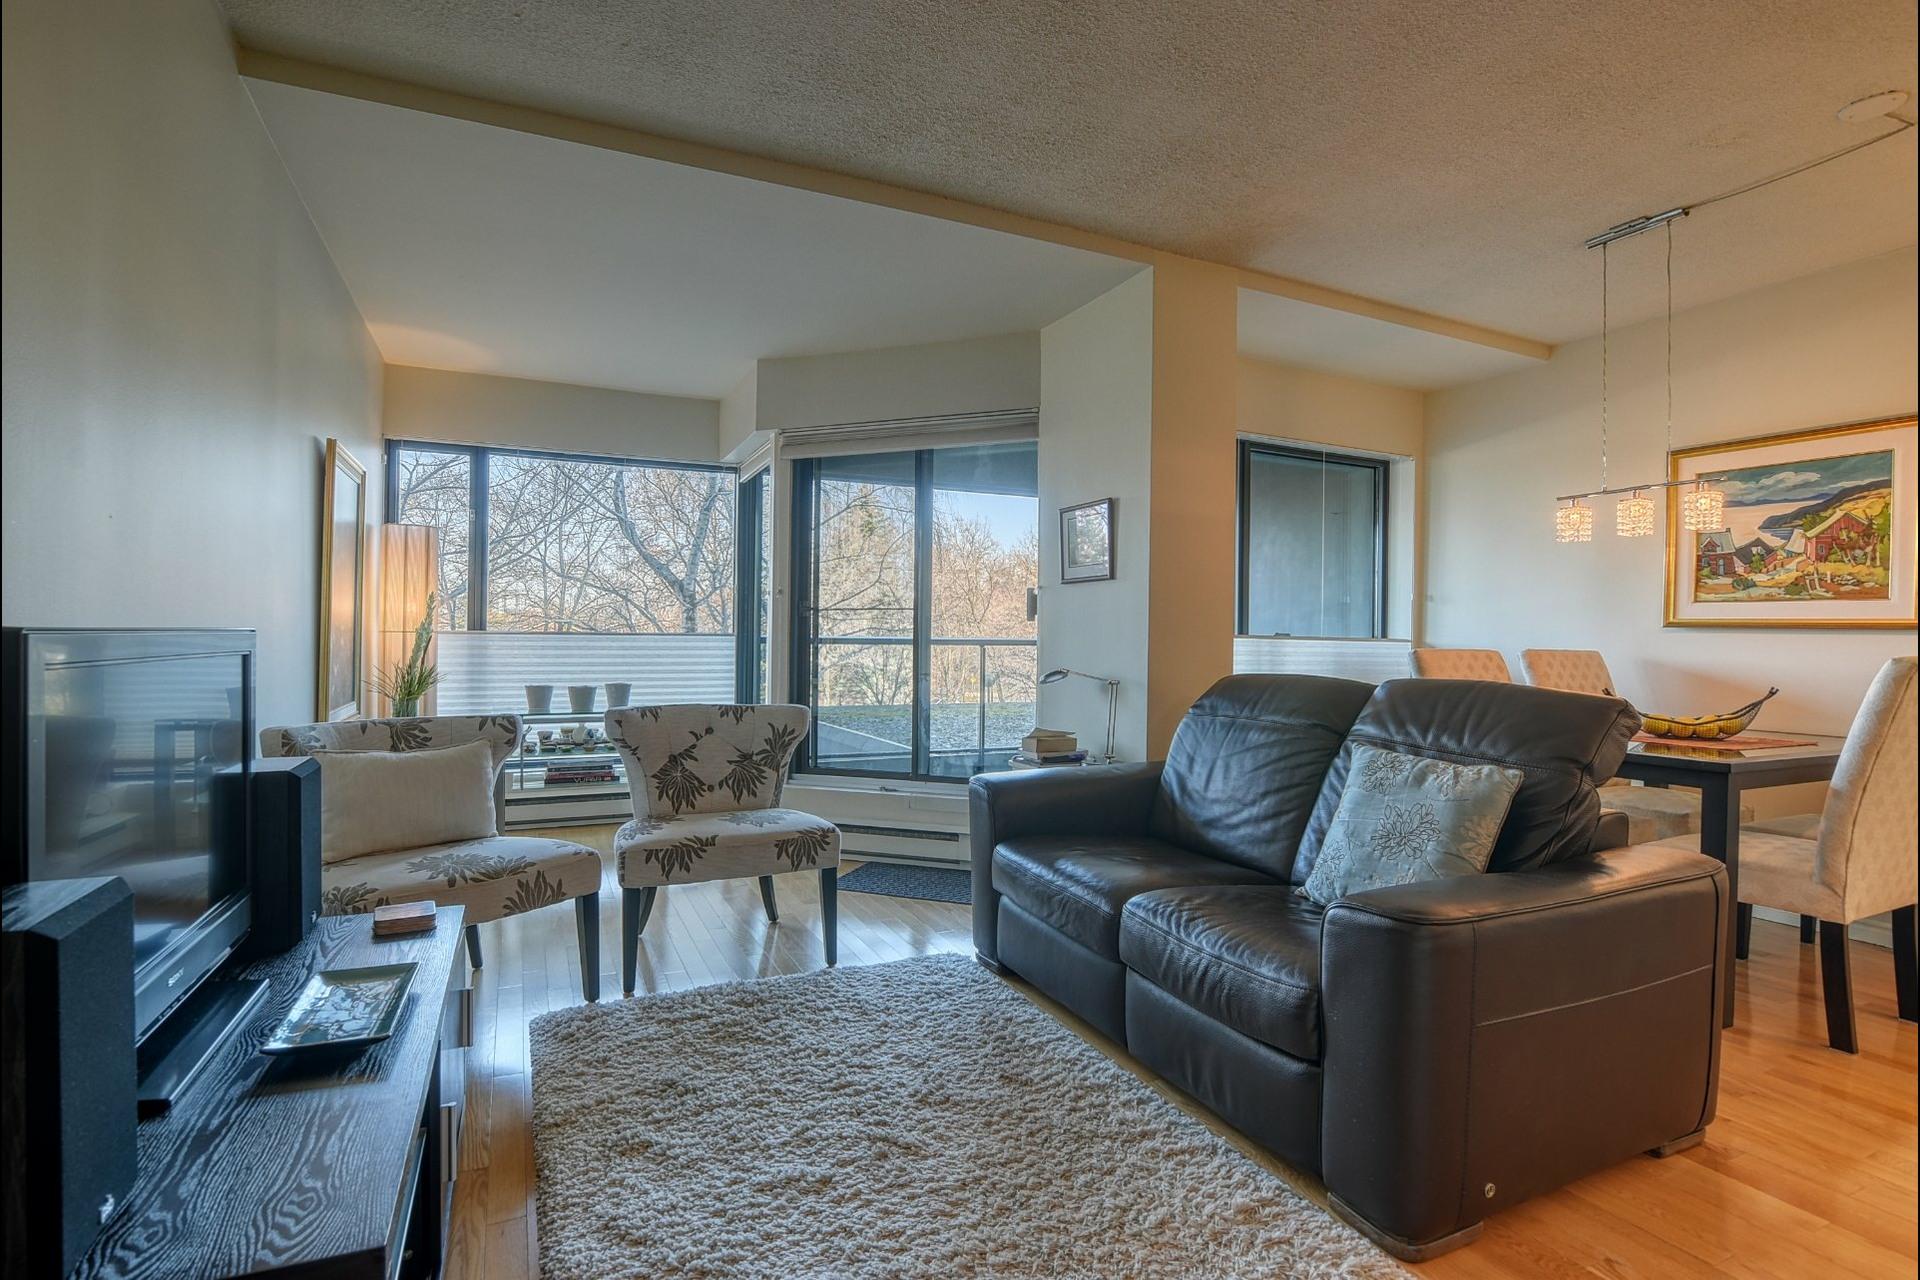 image 4 - Appartement À vendre Verdun/Île-des-Soeurs Montréal  - 5 pièces